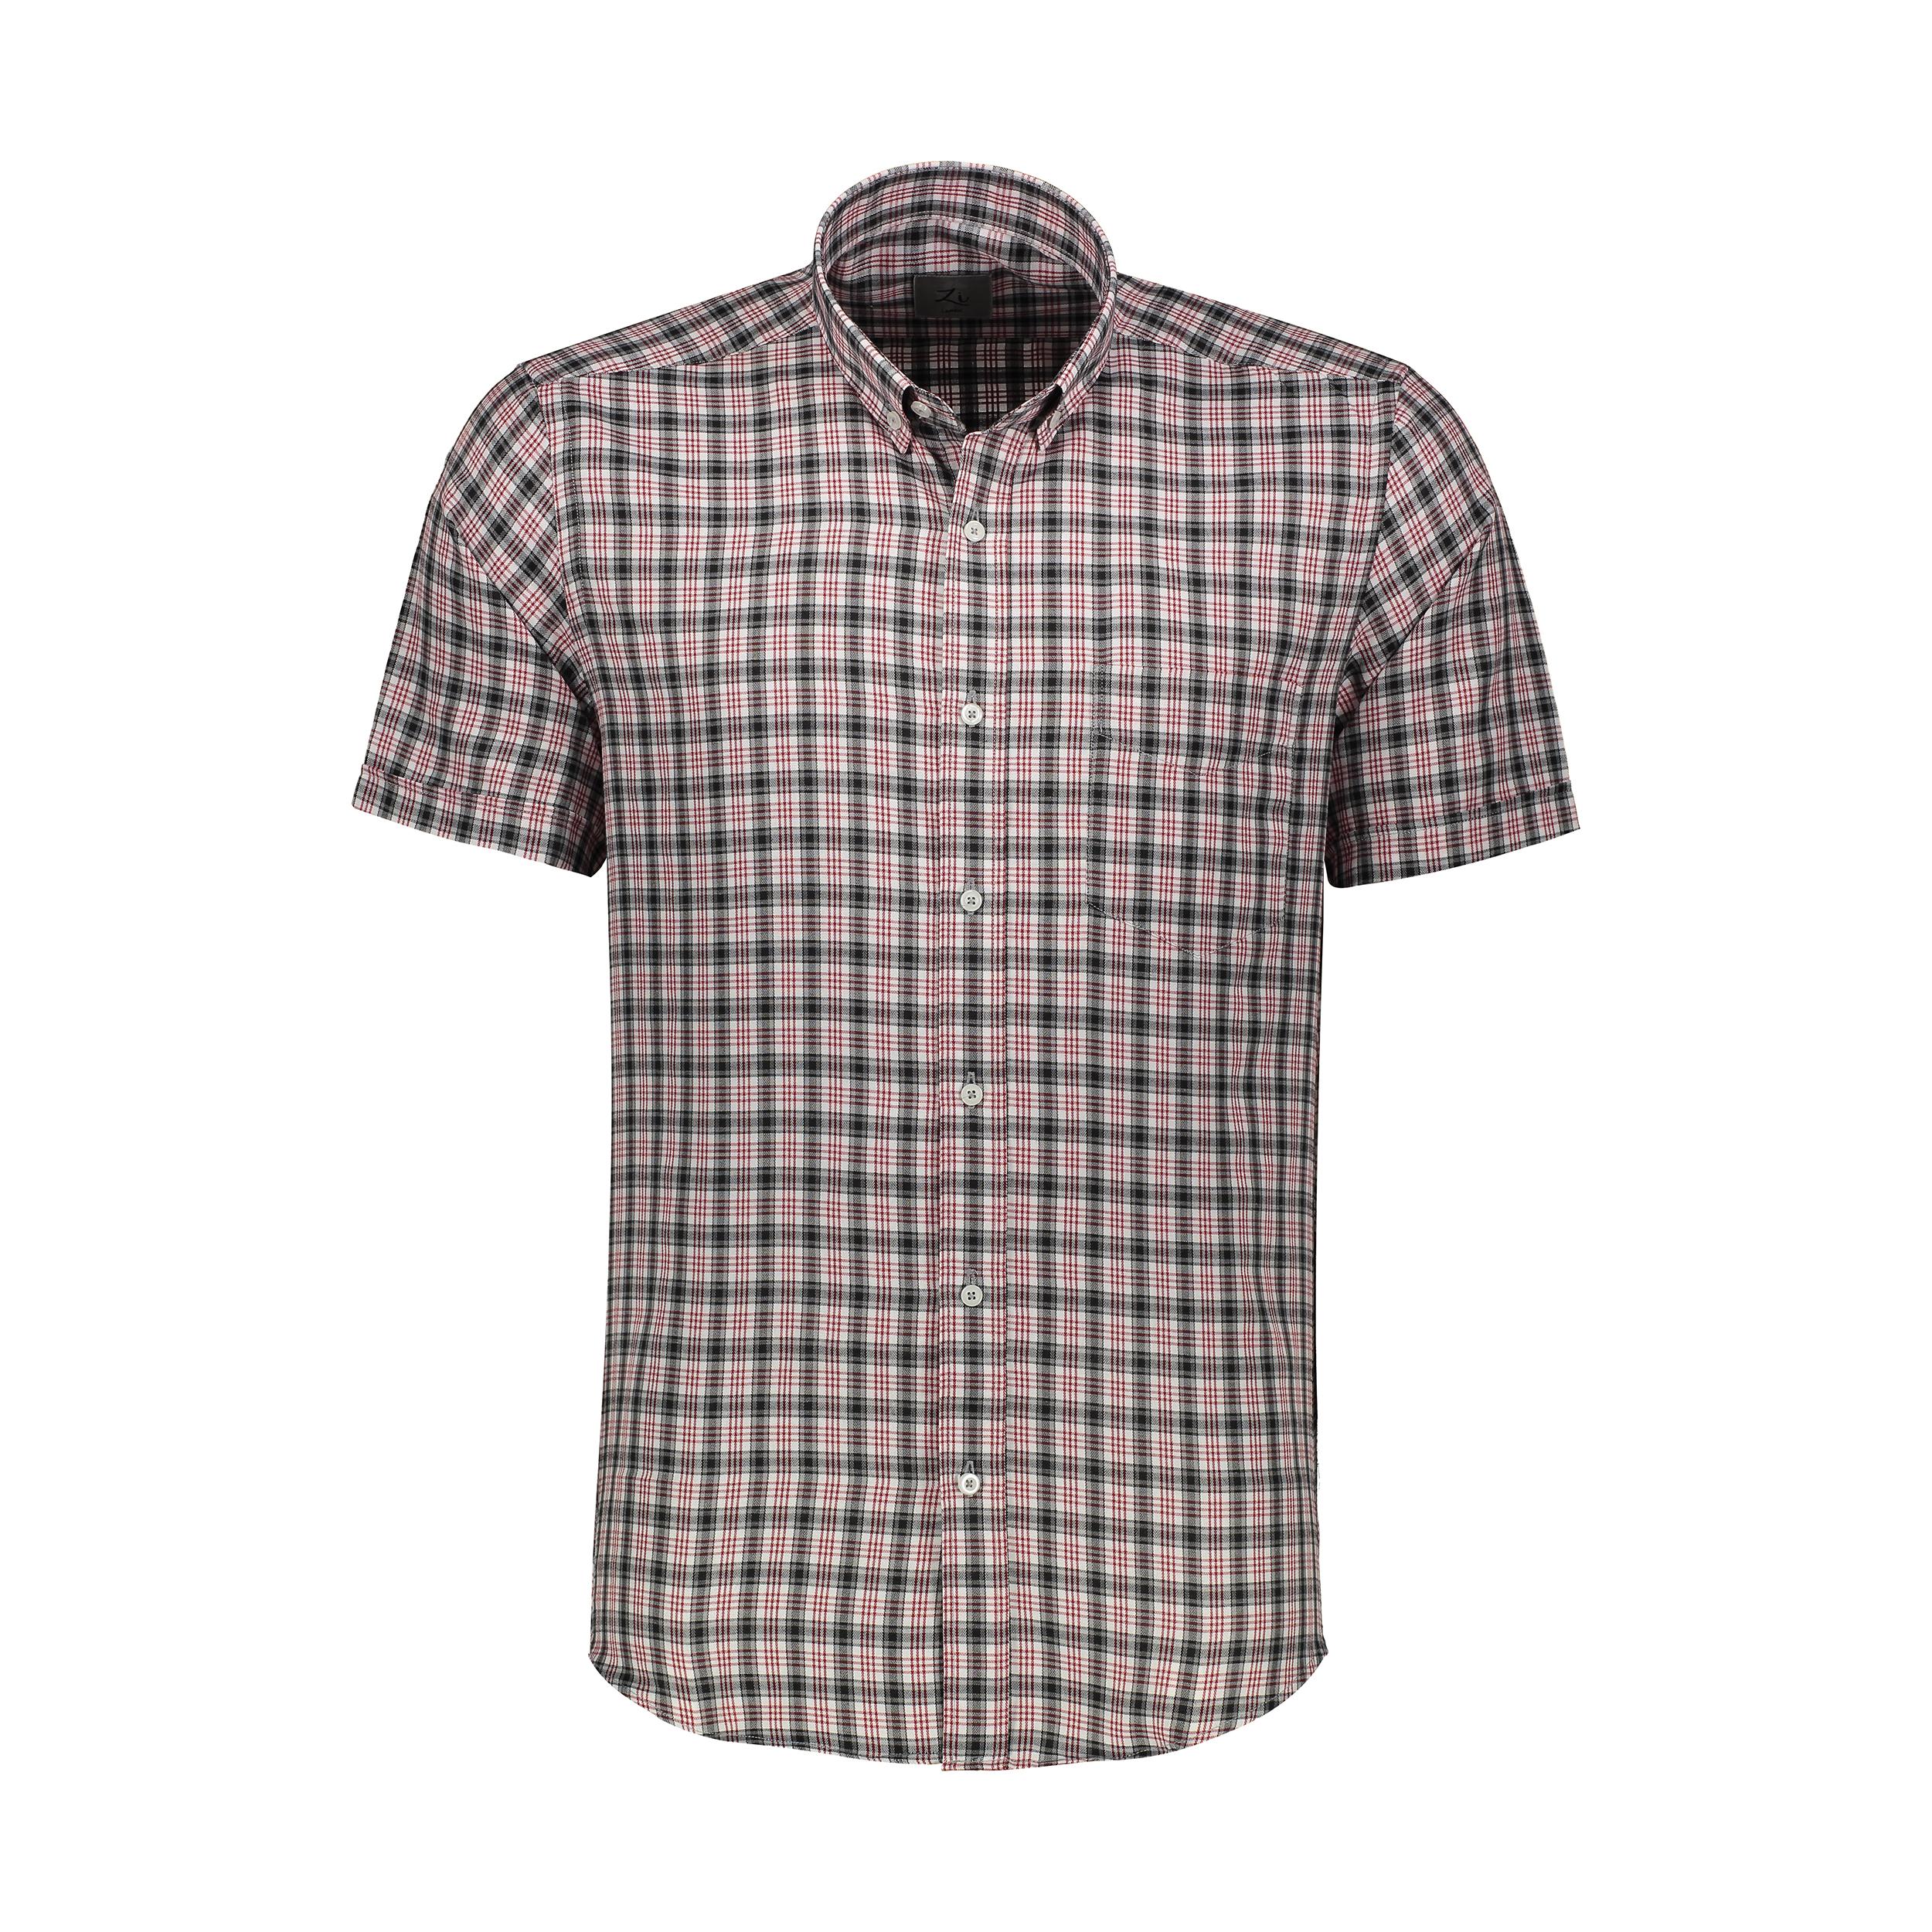 راهنمای خرید پیراهن مردانه زی مدل 1531192ML لیست قیمت